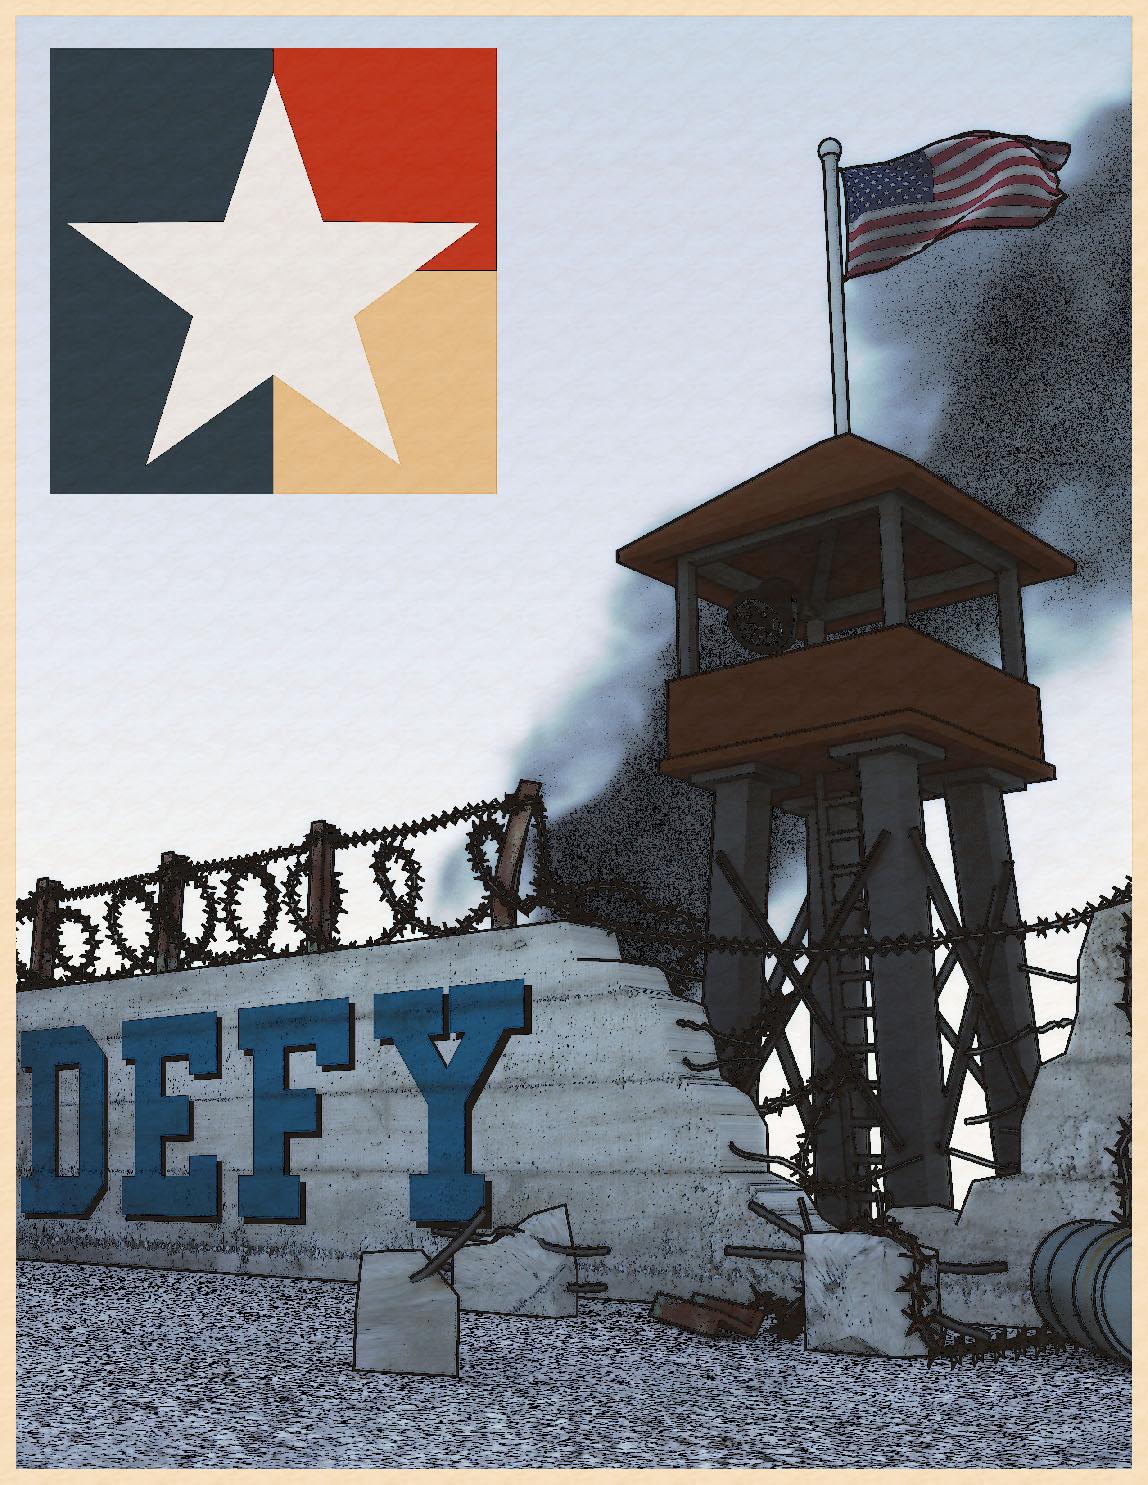 tower_defy